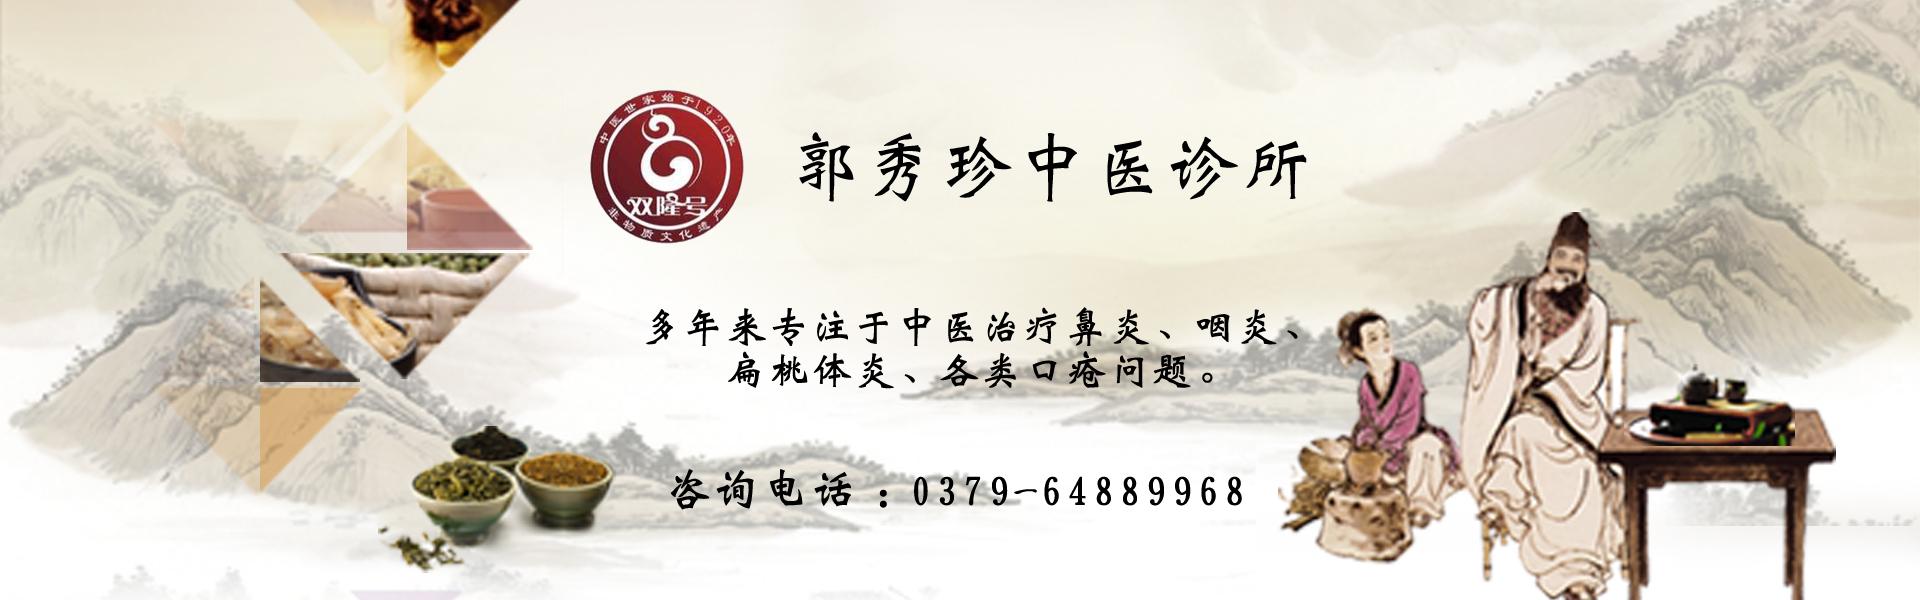 洛阳咽炎鼻炎扁桃体炎专科-郭秀珍中医诊所